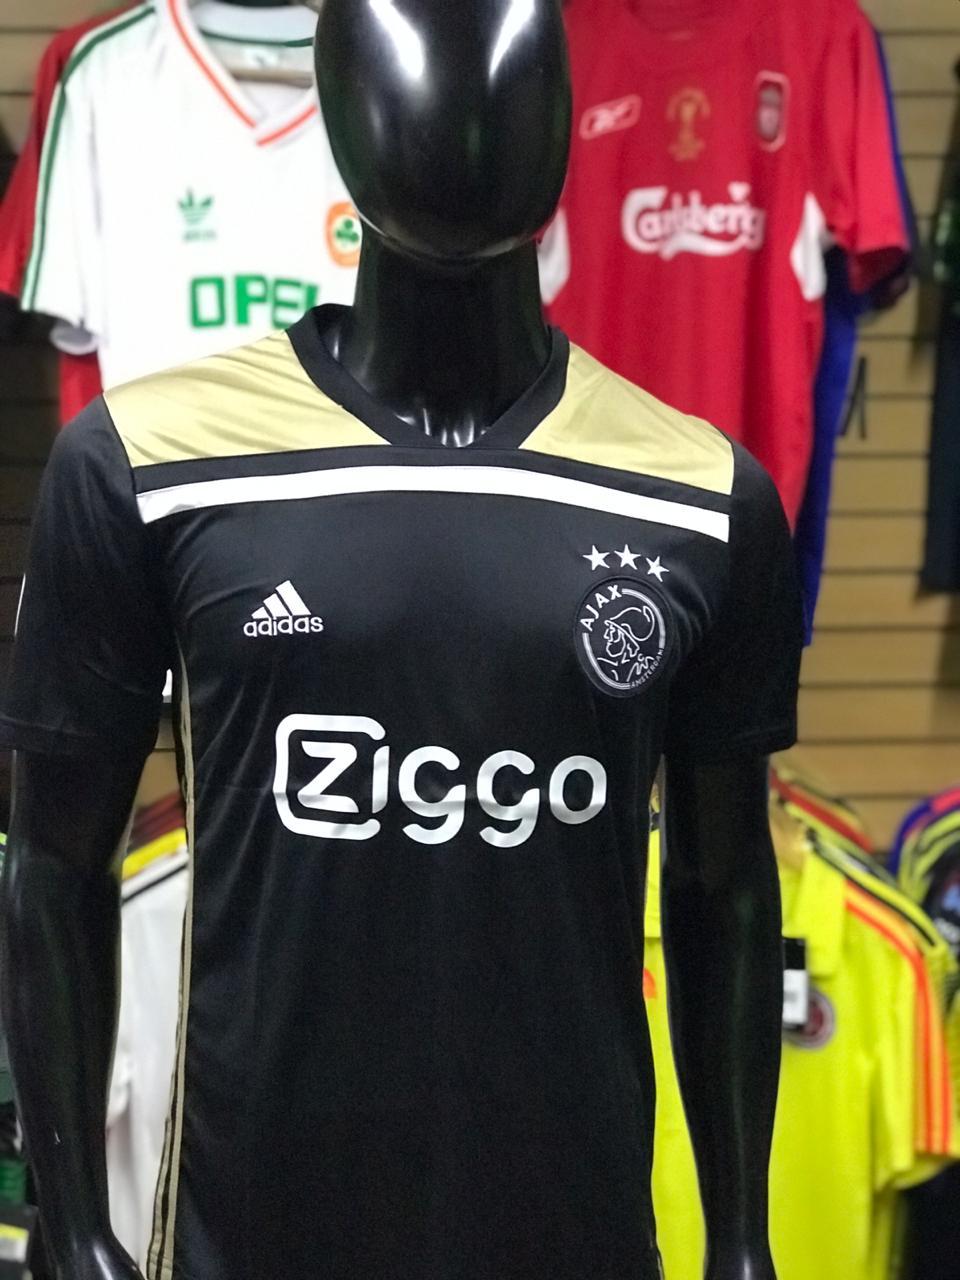 bastante agradable 3ca06 93b30 Camiseta Ajax Alternativa 2018-2019